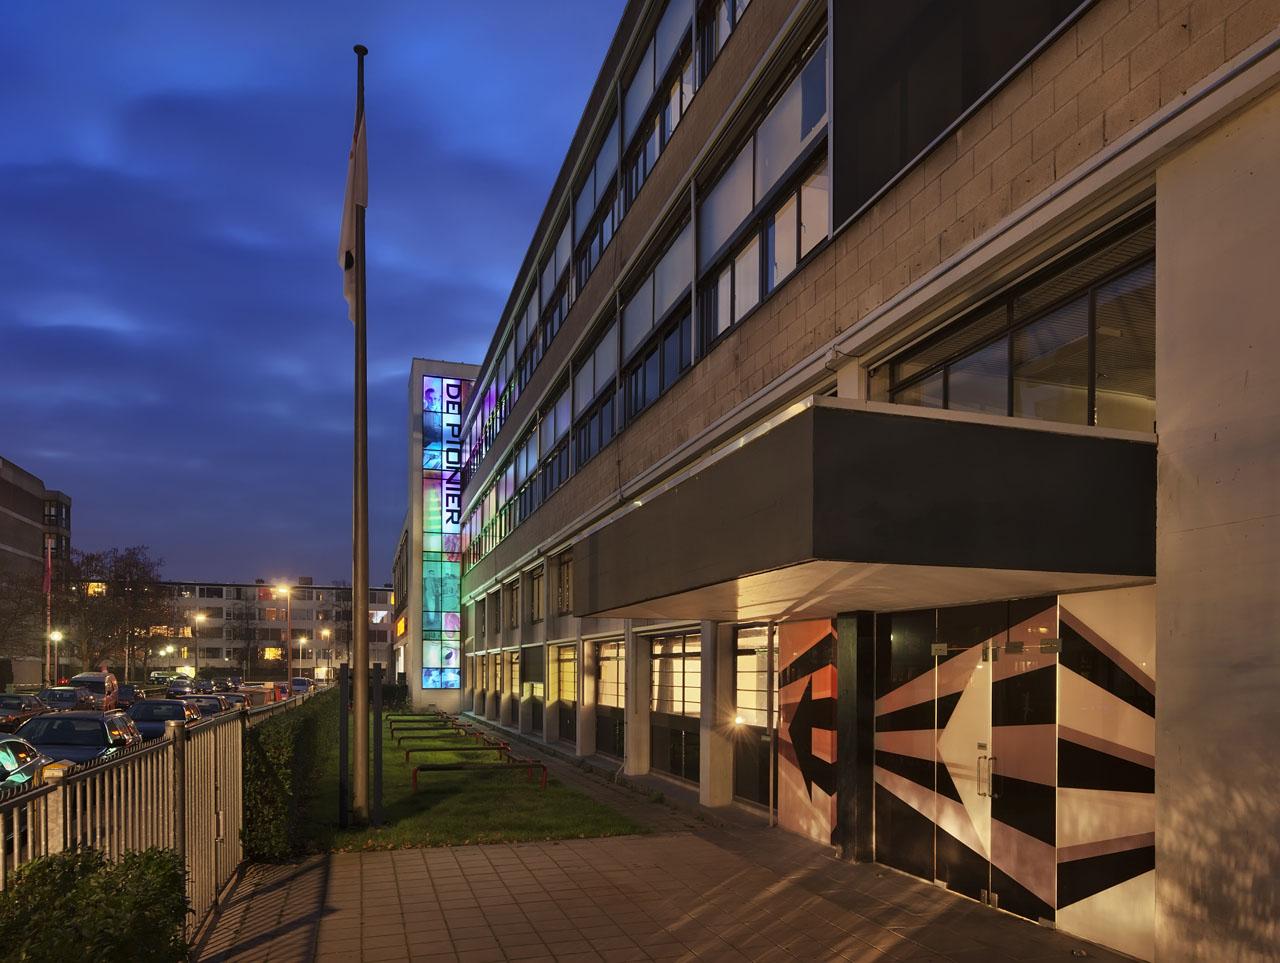 Pionier Utrecht lichtreclame met ledverlichting + dazzle grafisch ontwerp, Koduijn